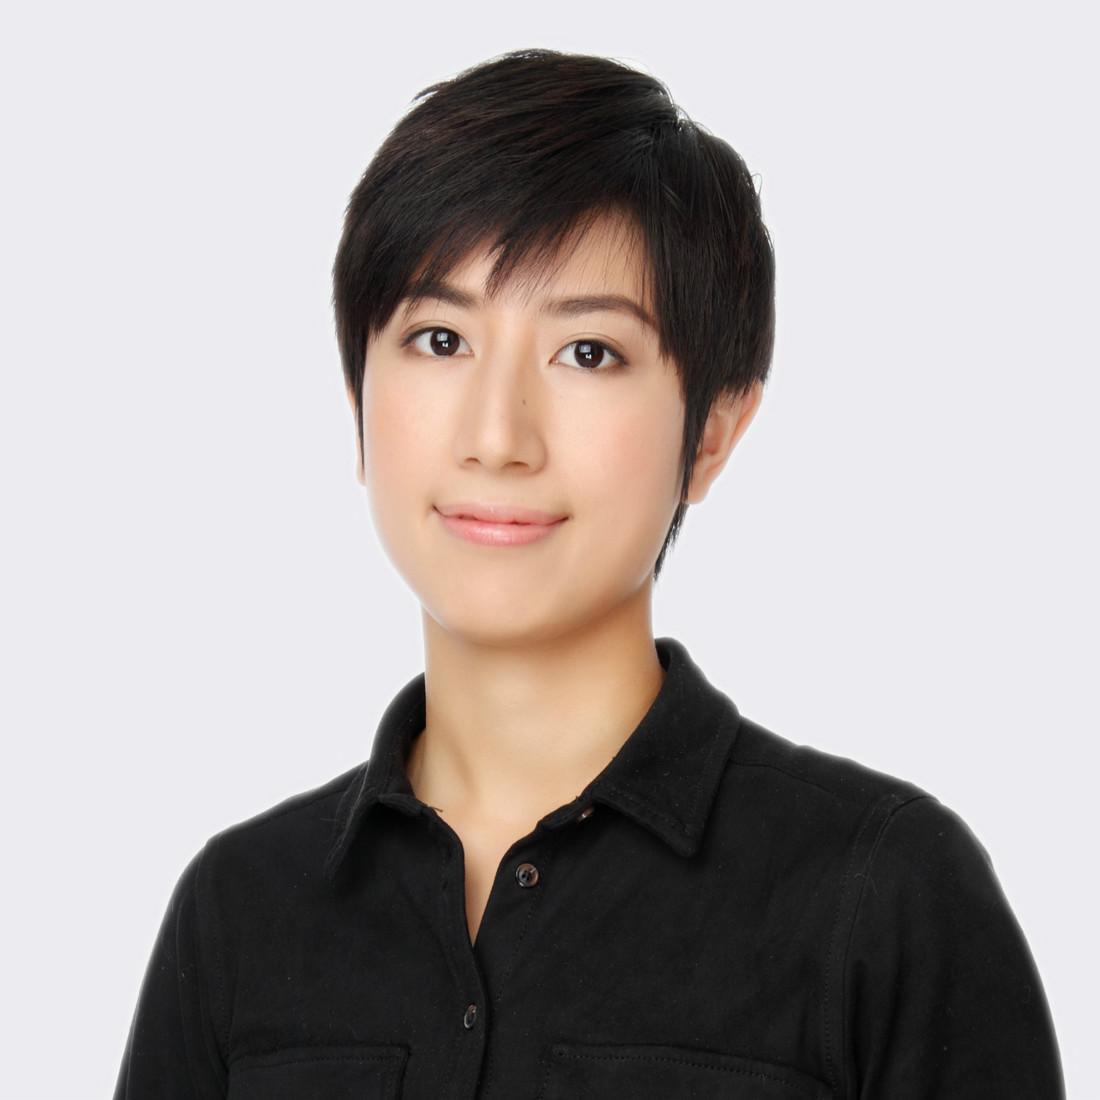 GrowingIO商务数据分析师陈梦云照片